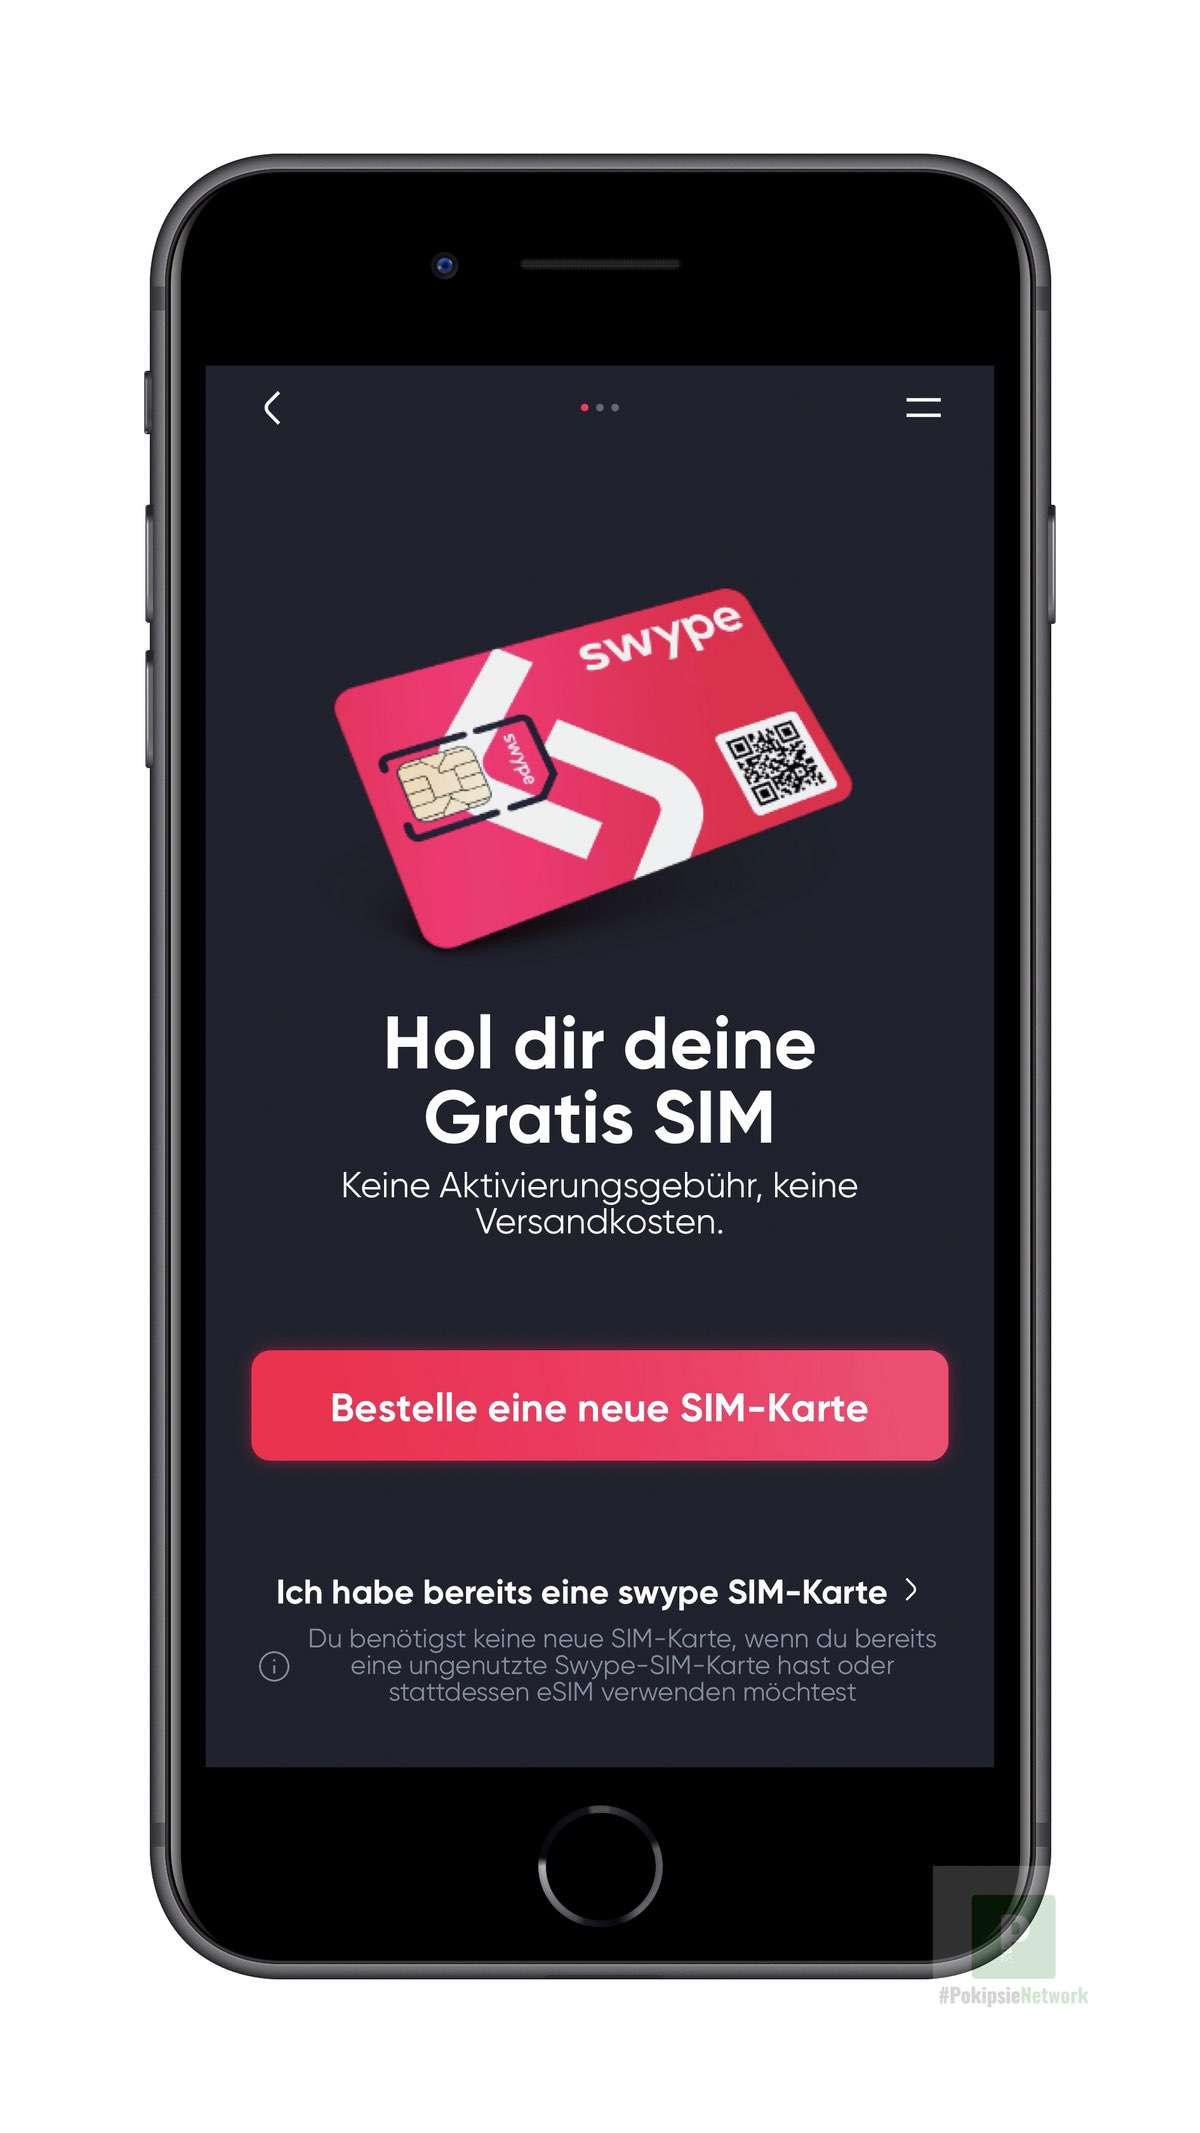 Hol dir deine Kostenlose SIM